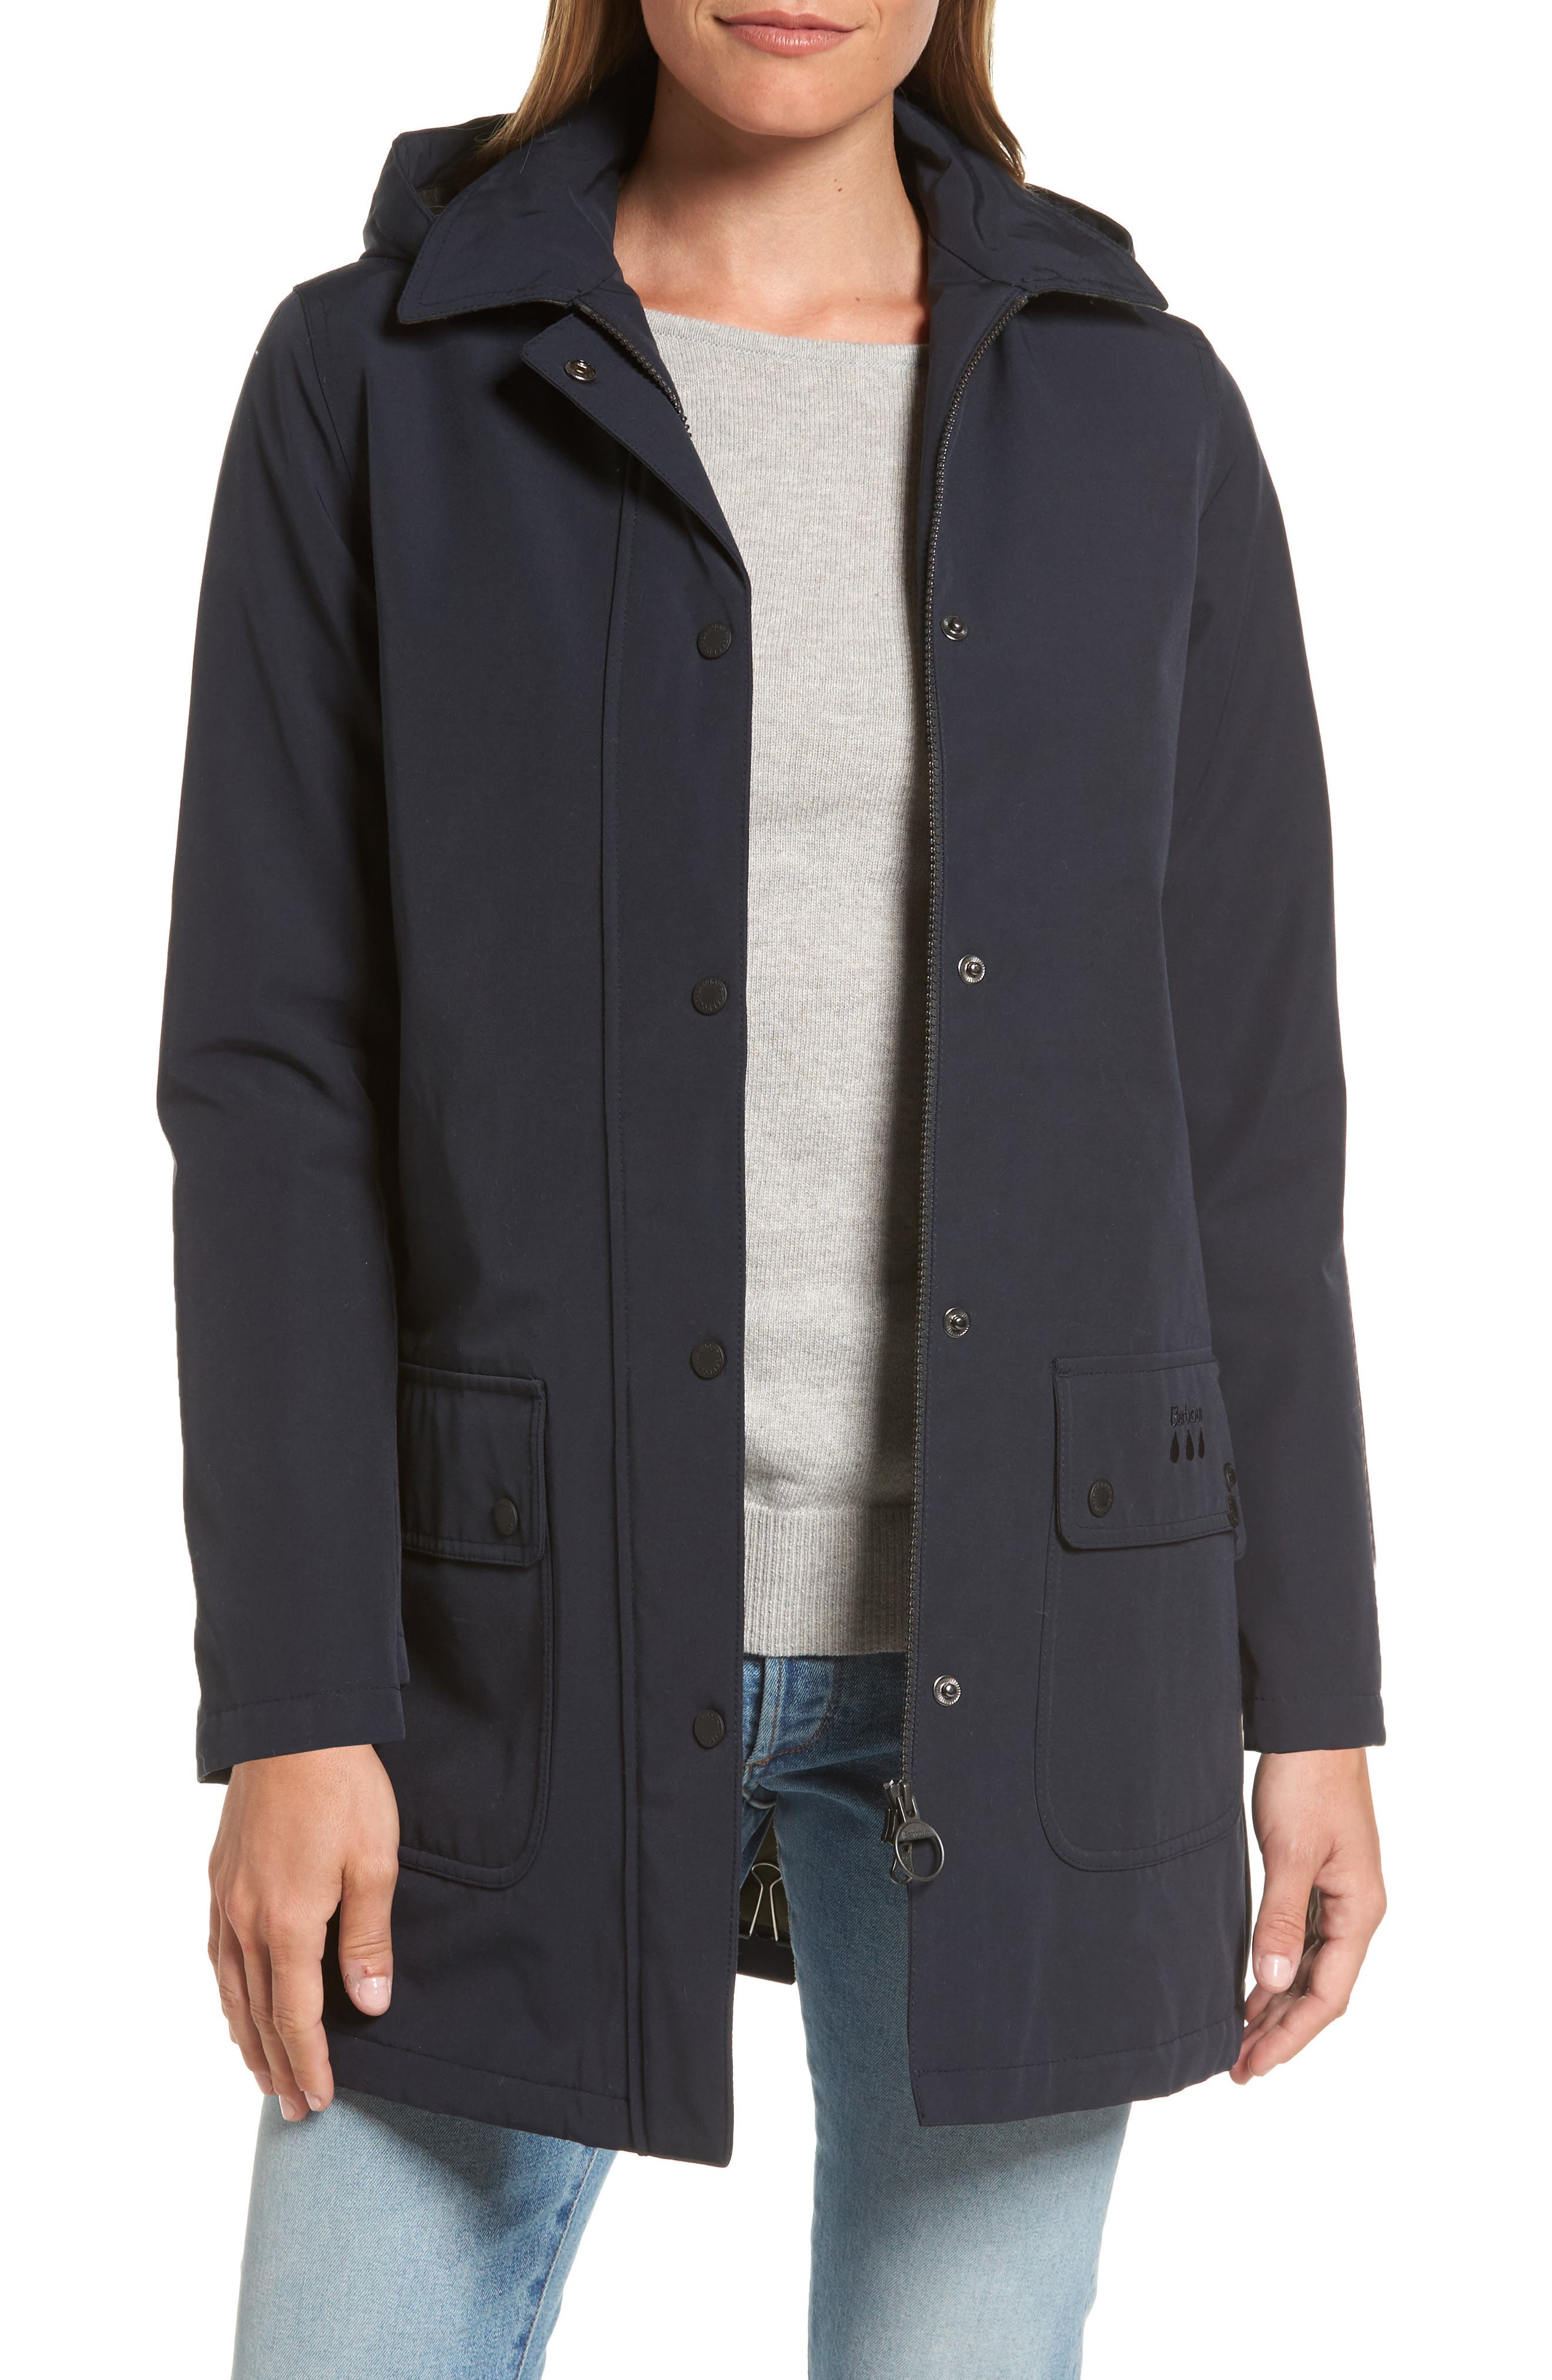 Alternate Image 1 Selected - Barbour Cirro Waterproof Hooded Jacket